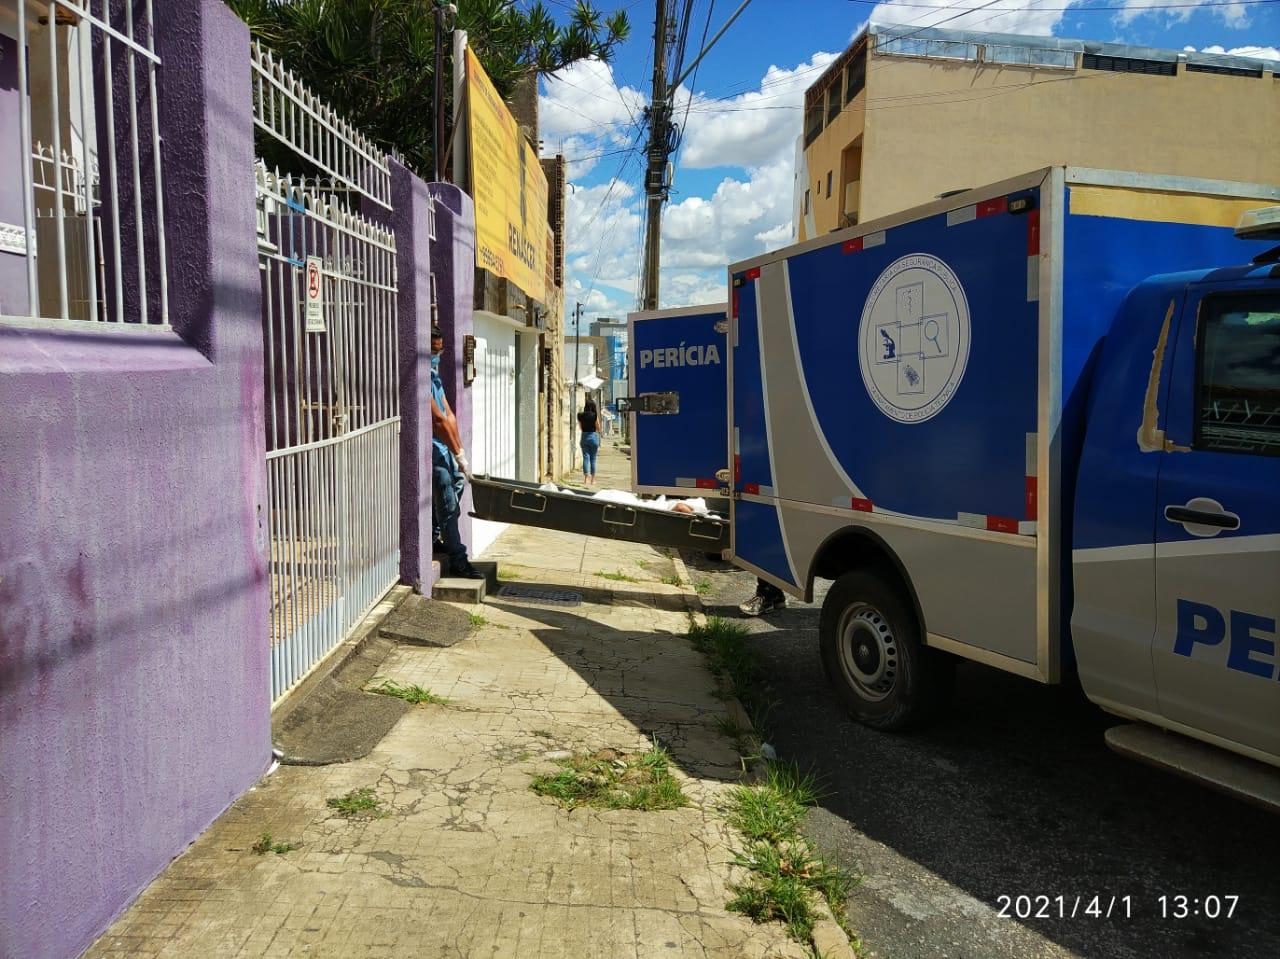 Urgente: Jovem é Assassinado com Três Tiros no Rosto no Centro de Conquista